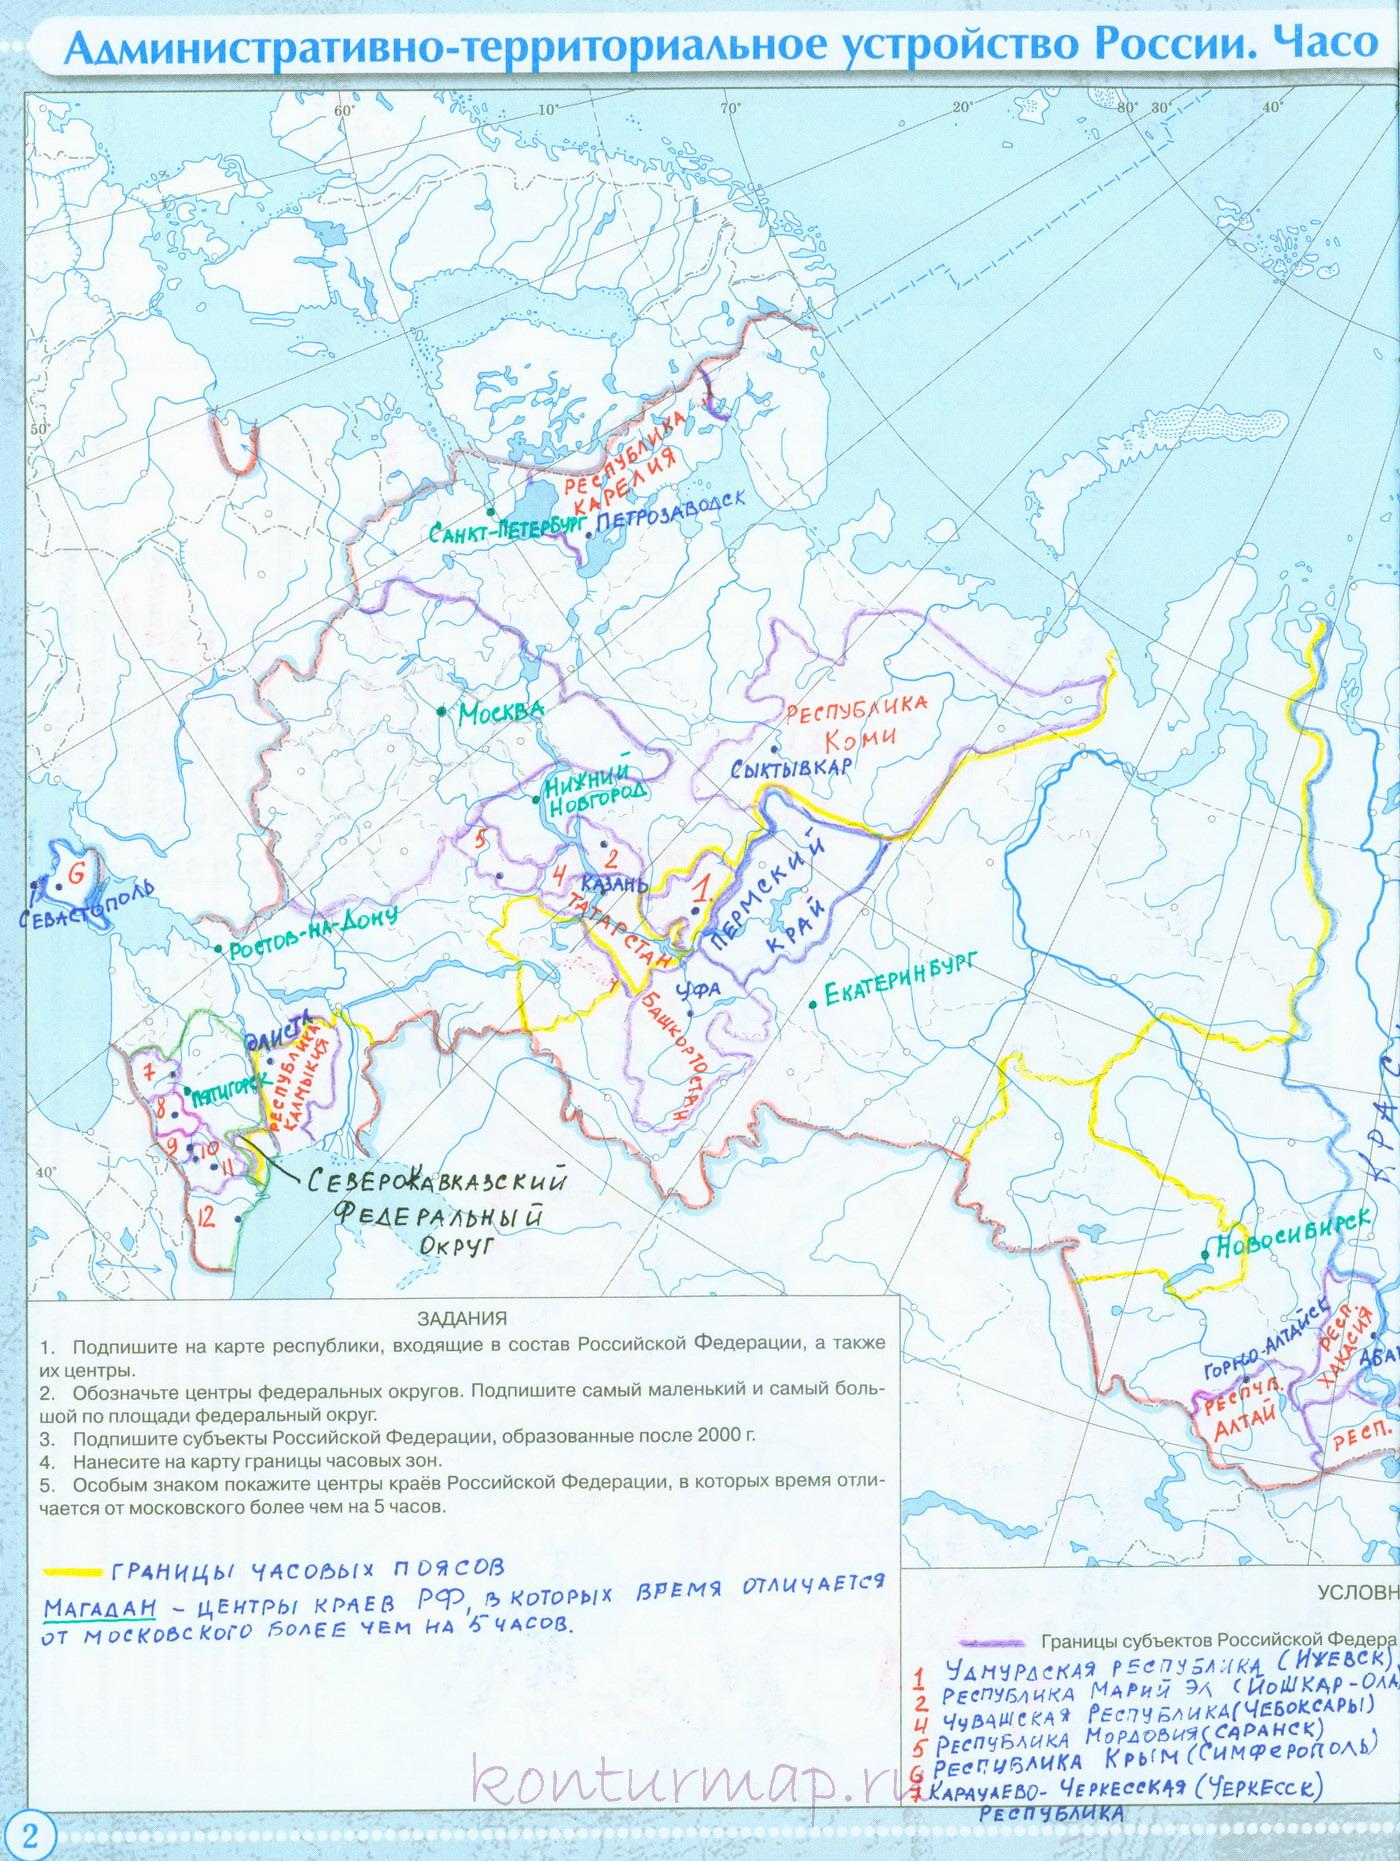 Гдз по географии россии